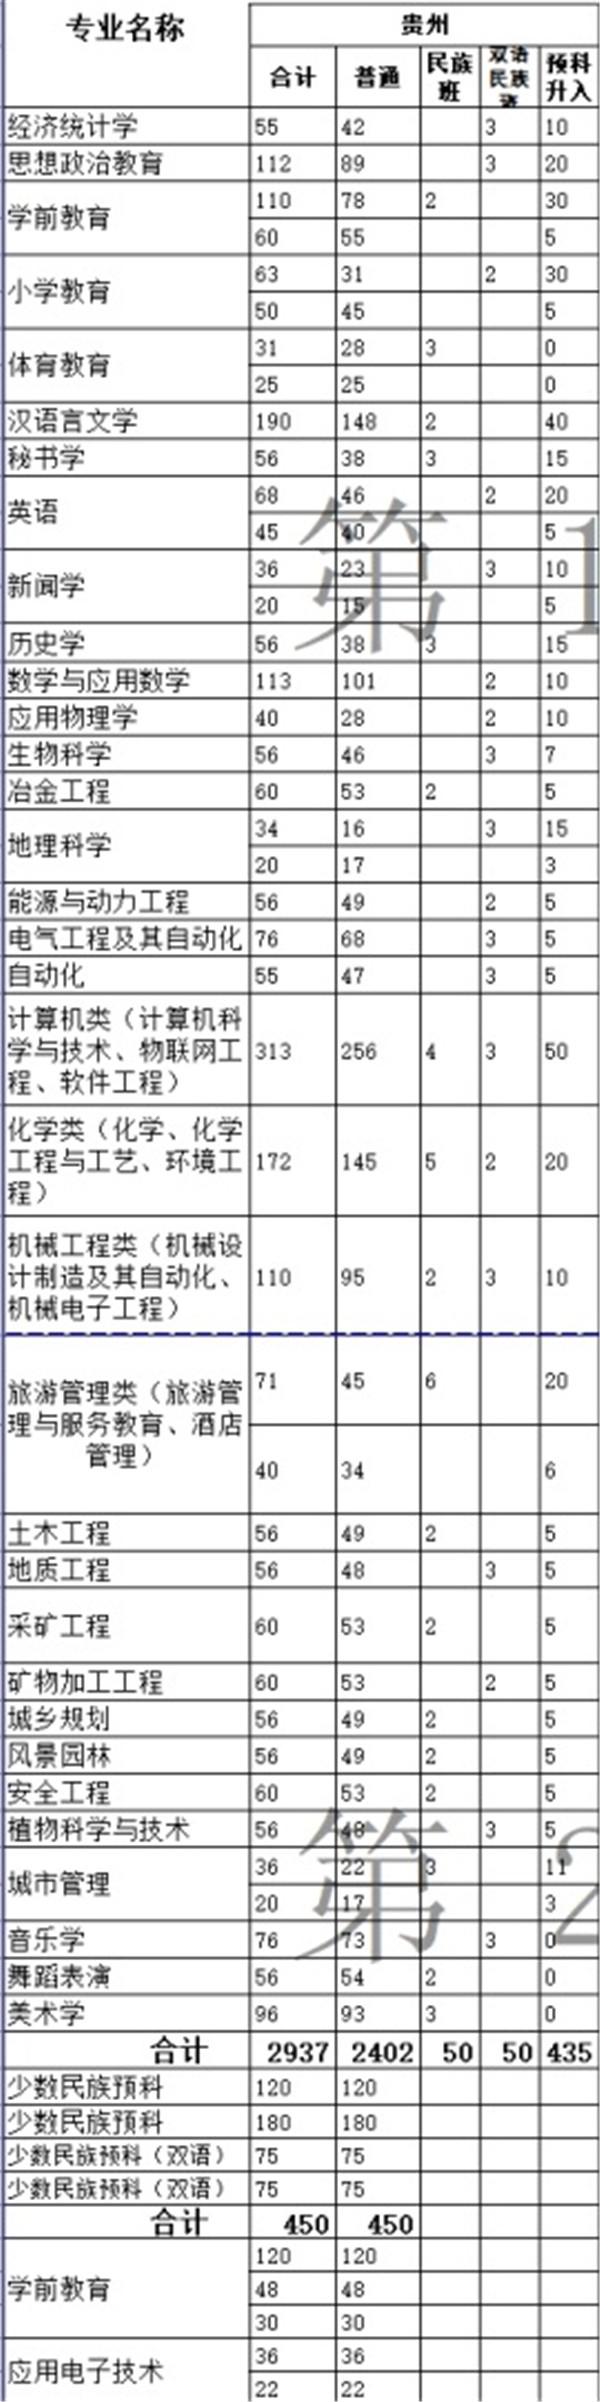 六盘水师范学院在贵州的招生计划